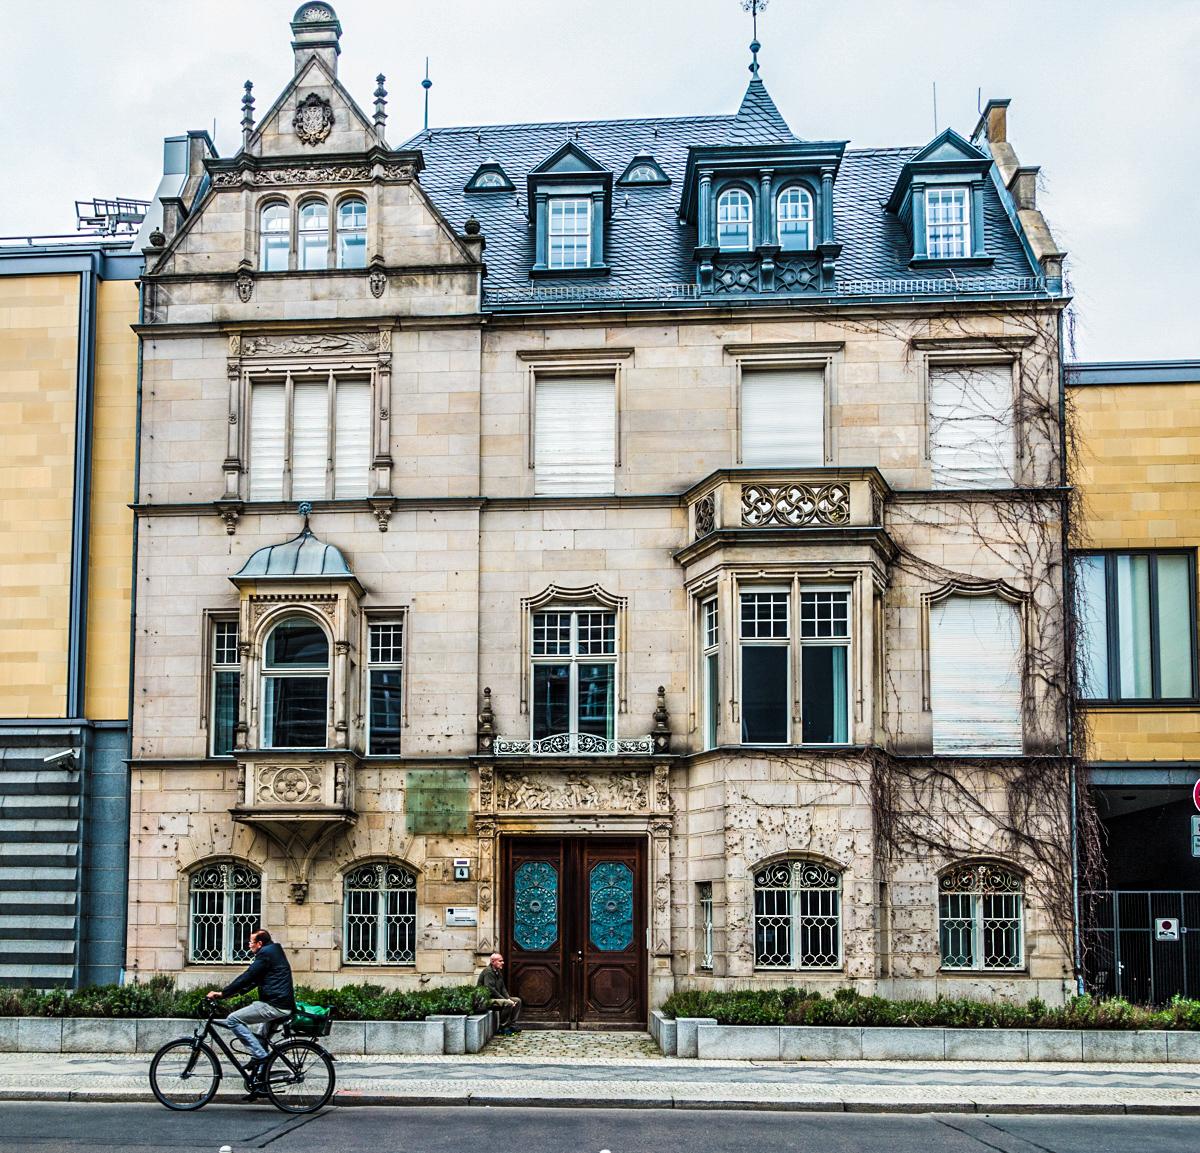 Photographic archive building near KulturForum